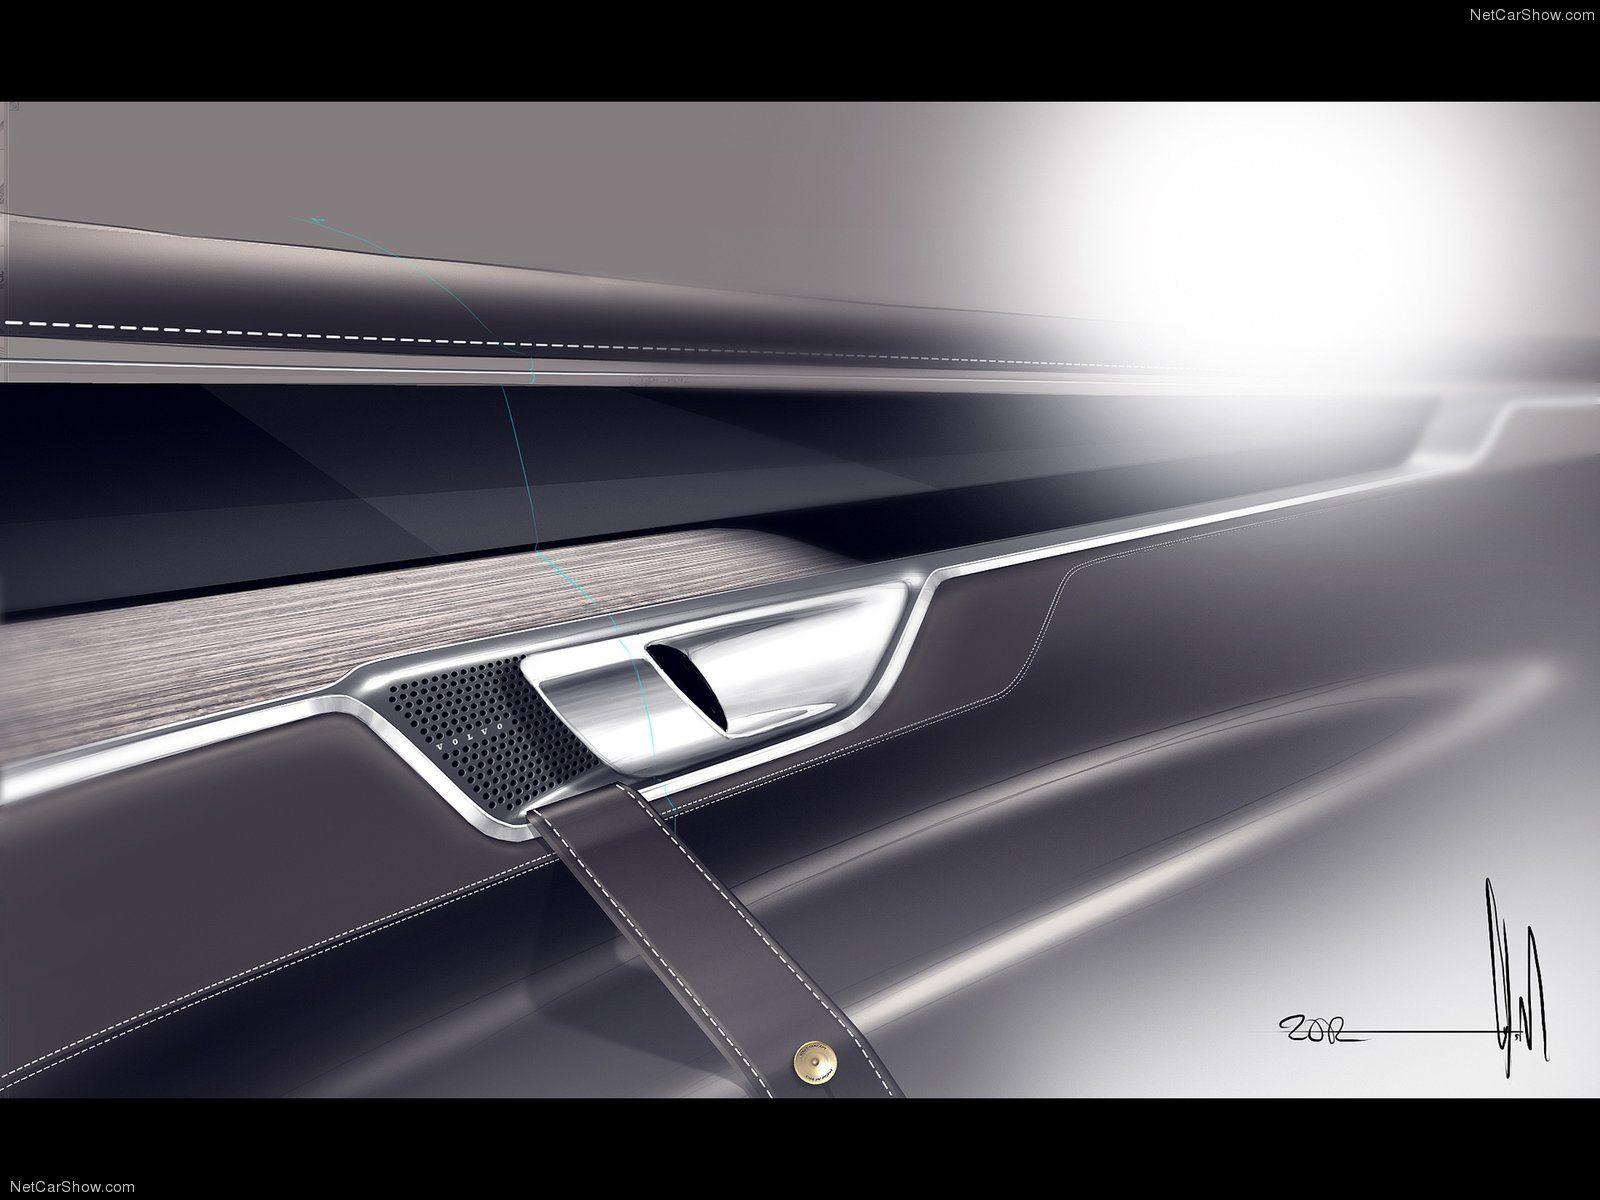 inside car door handle. Interior Car Door Handles. #volvo #coupe #sleeky #simple #effective # Inside Handle